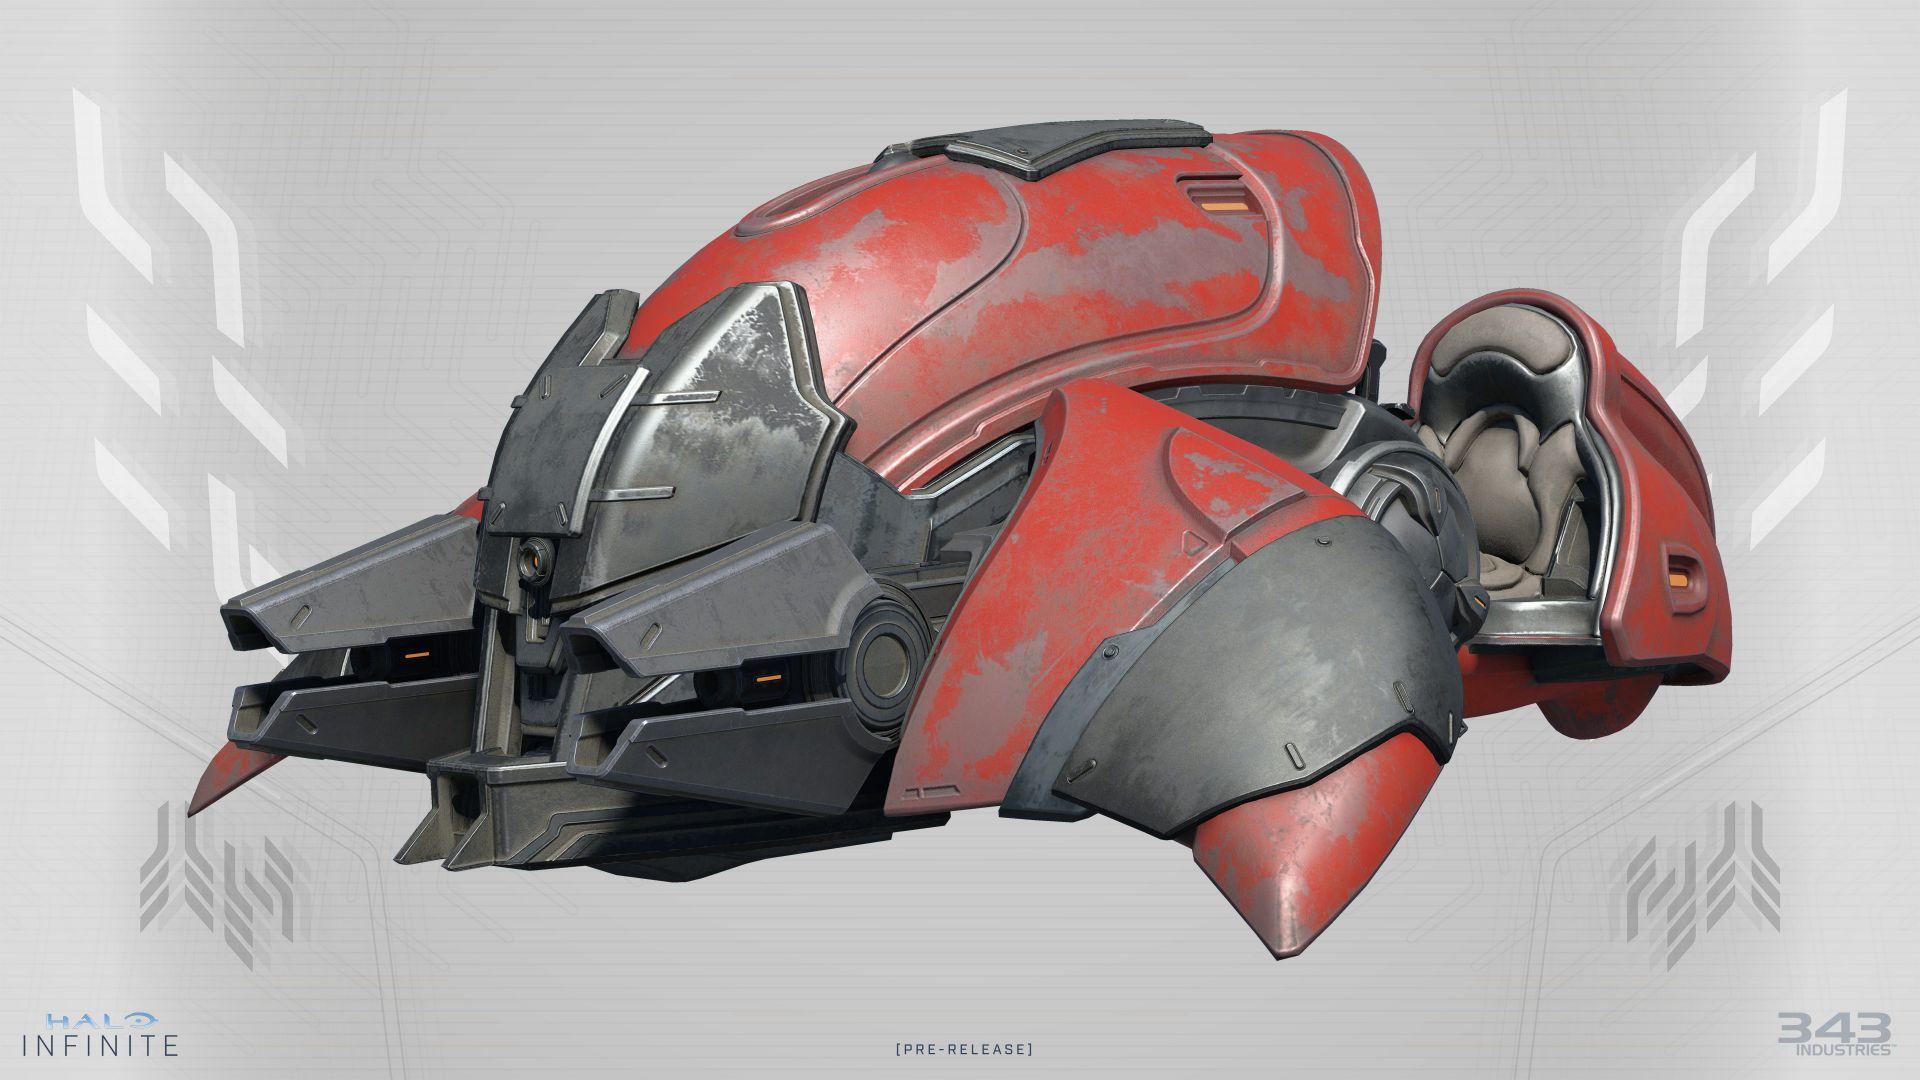 Un vistazo al brutal aspecto de algunos vehículos de Halo Infinite